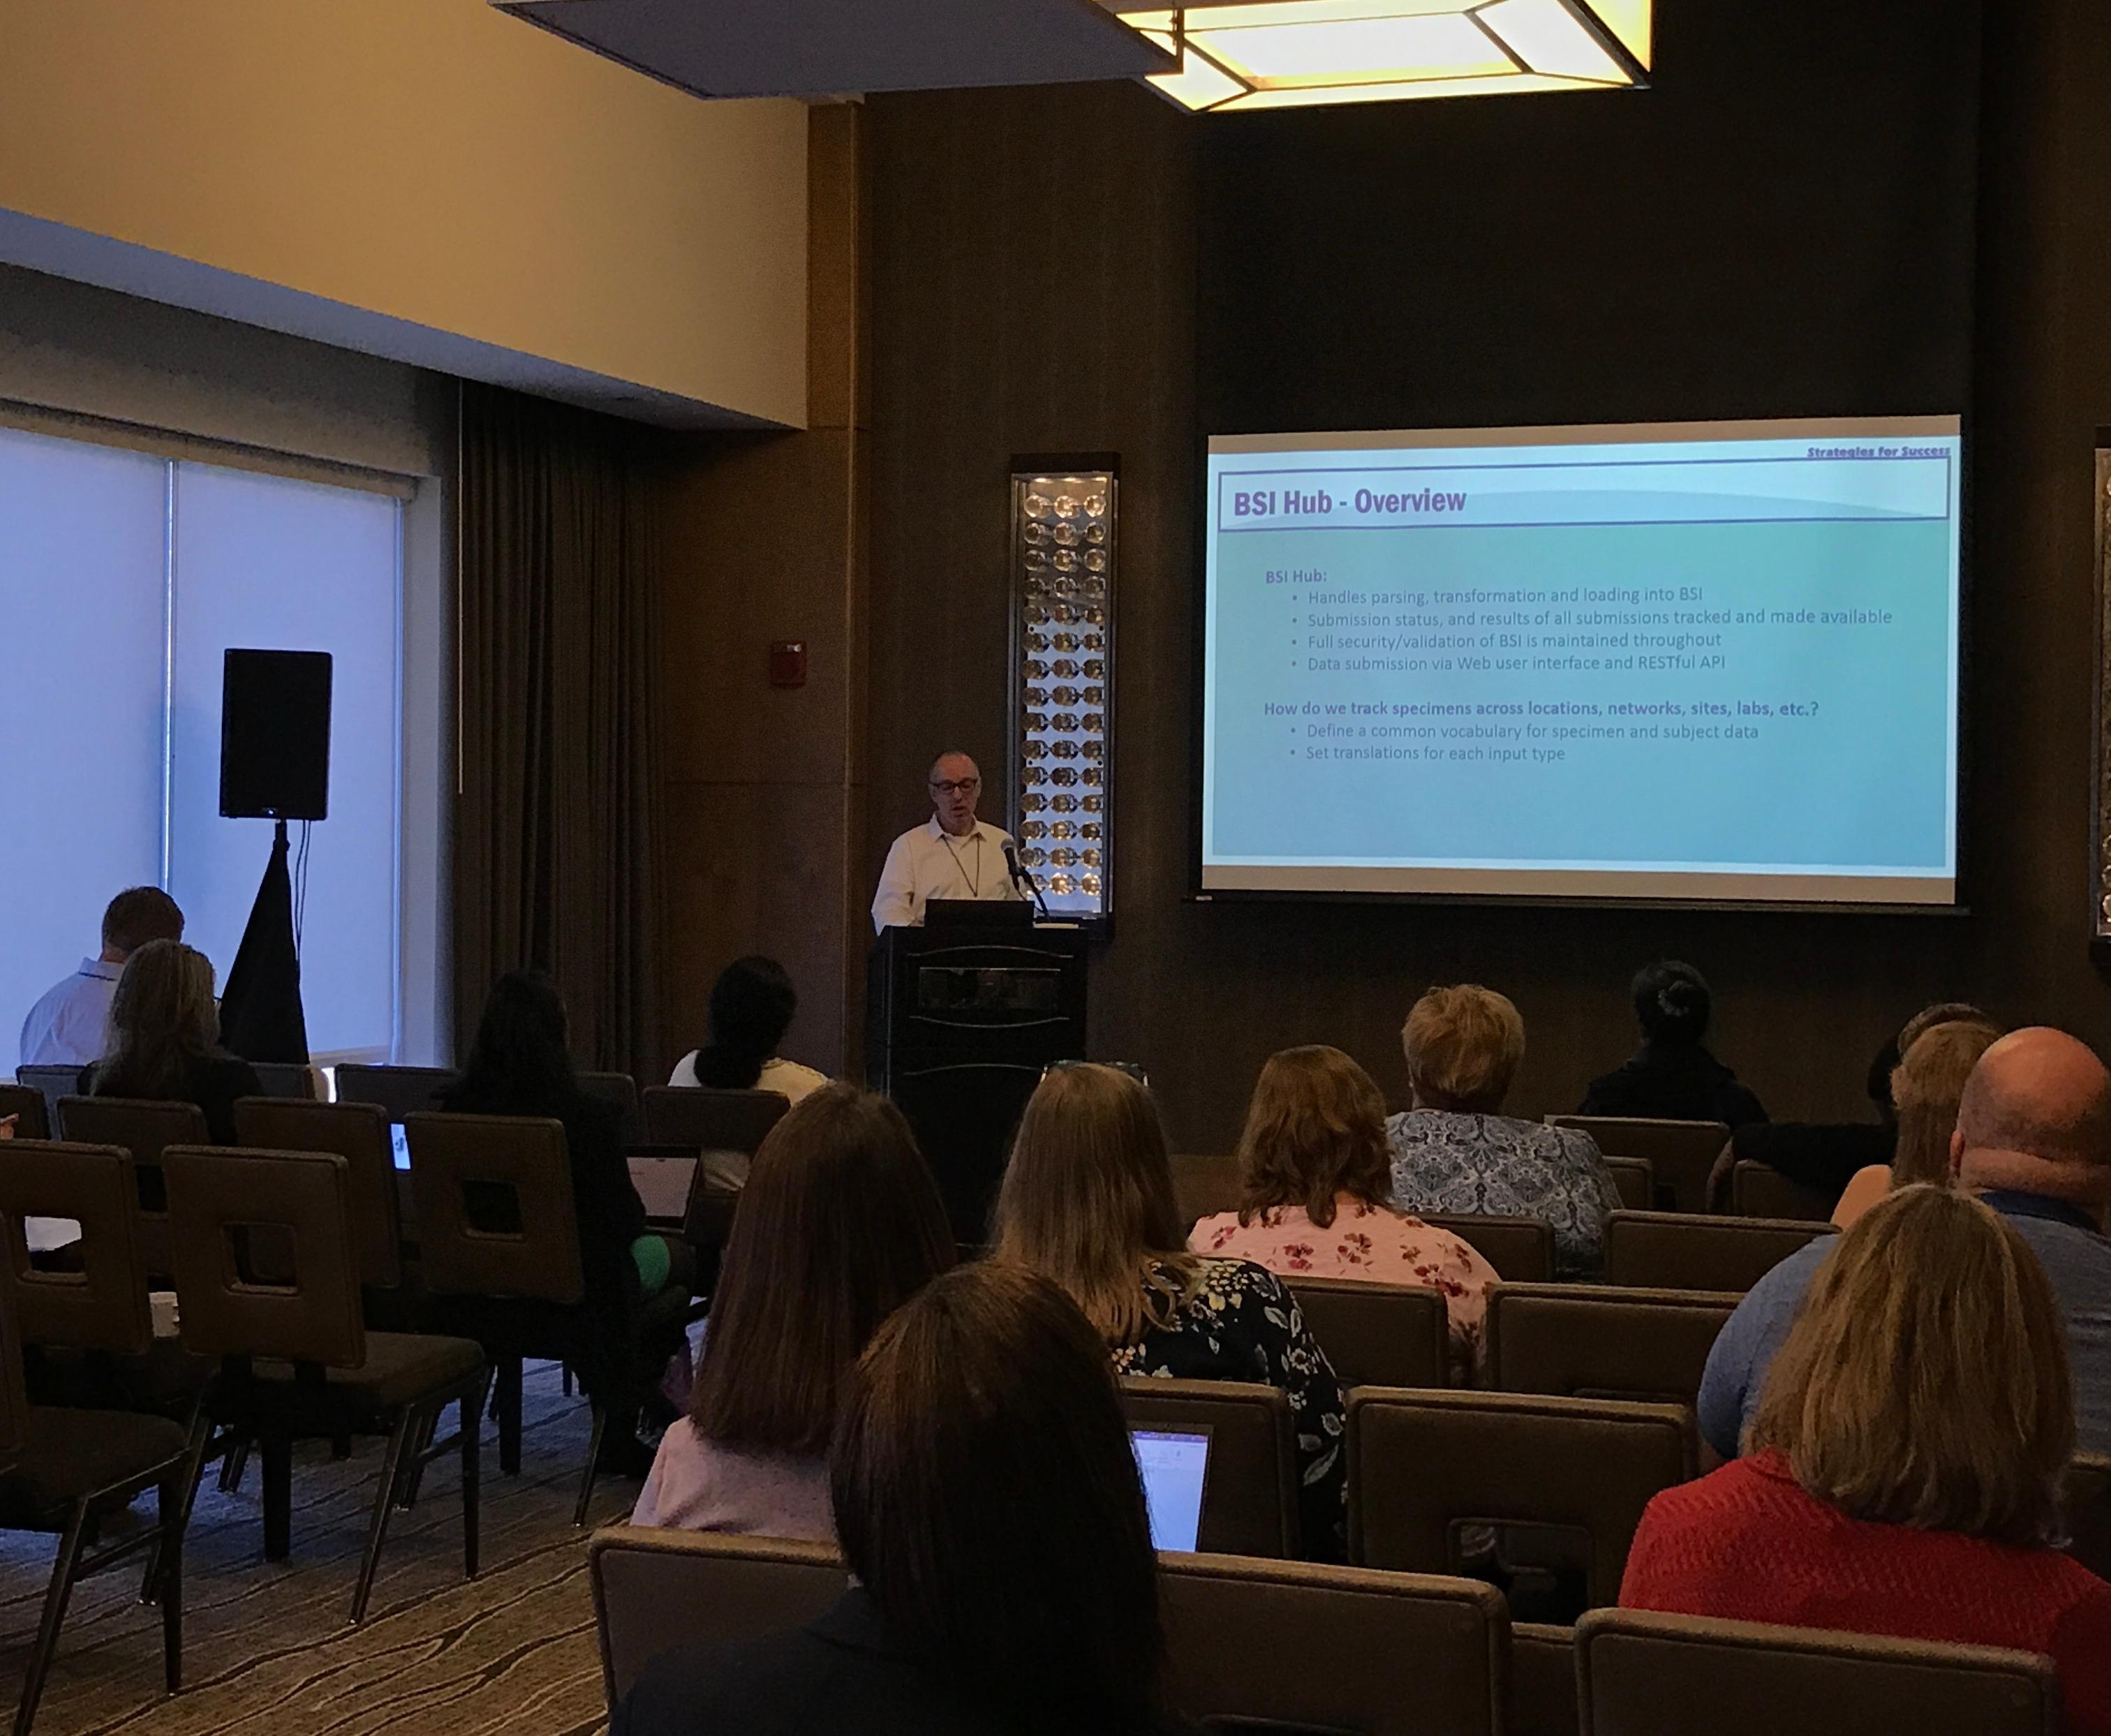 BSU Hub presentation